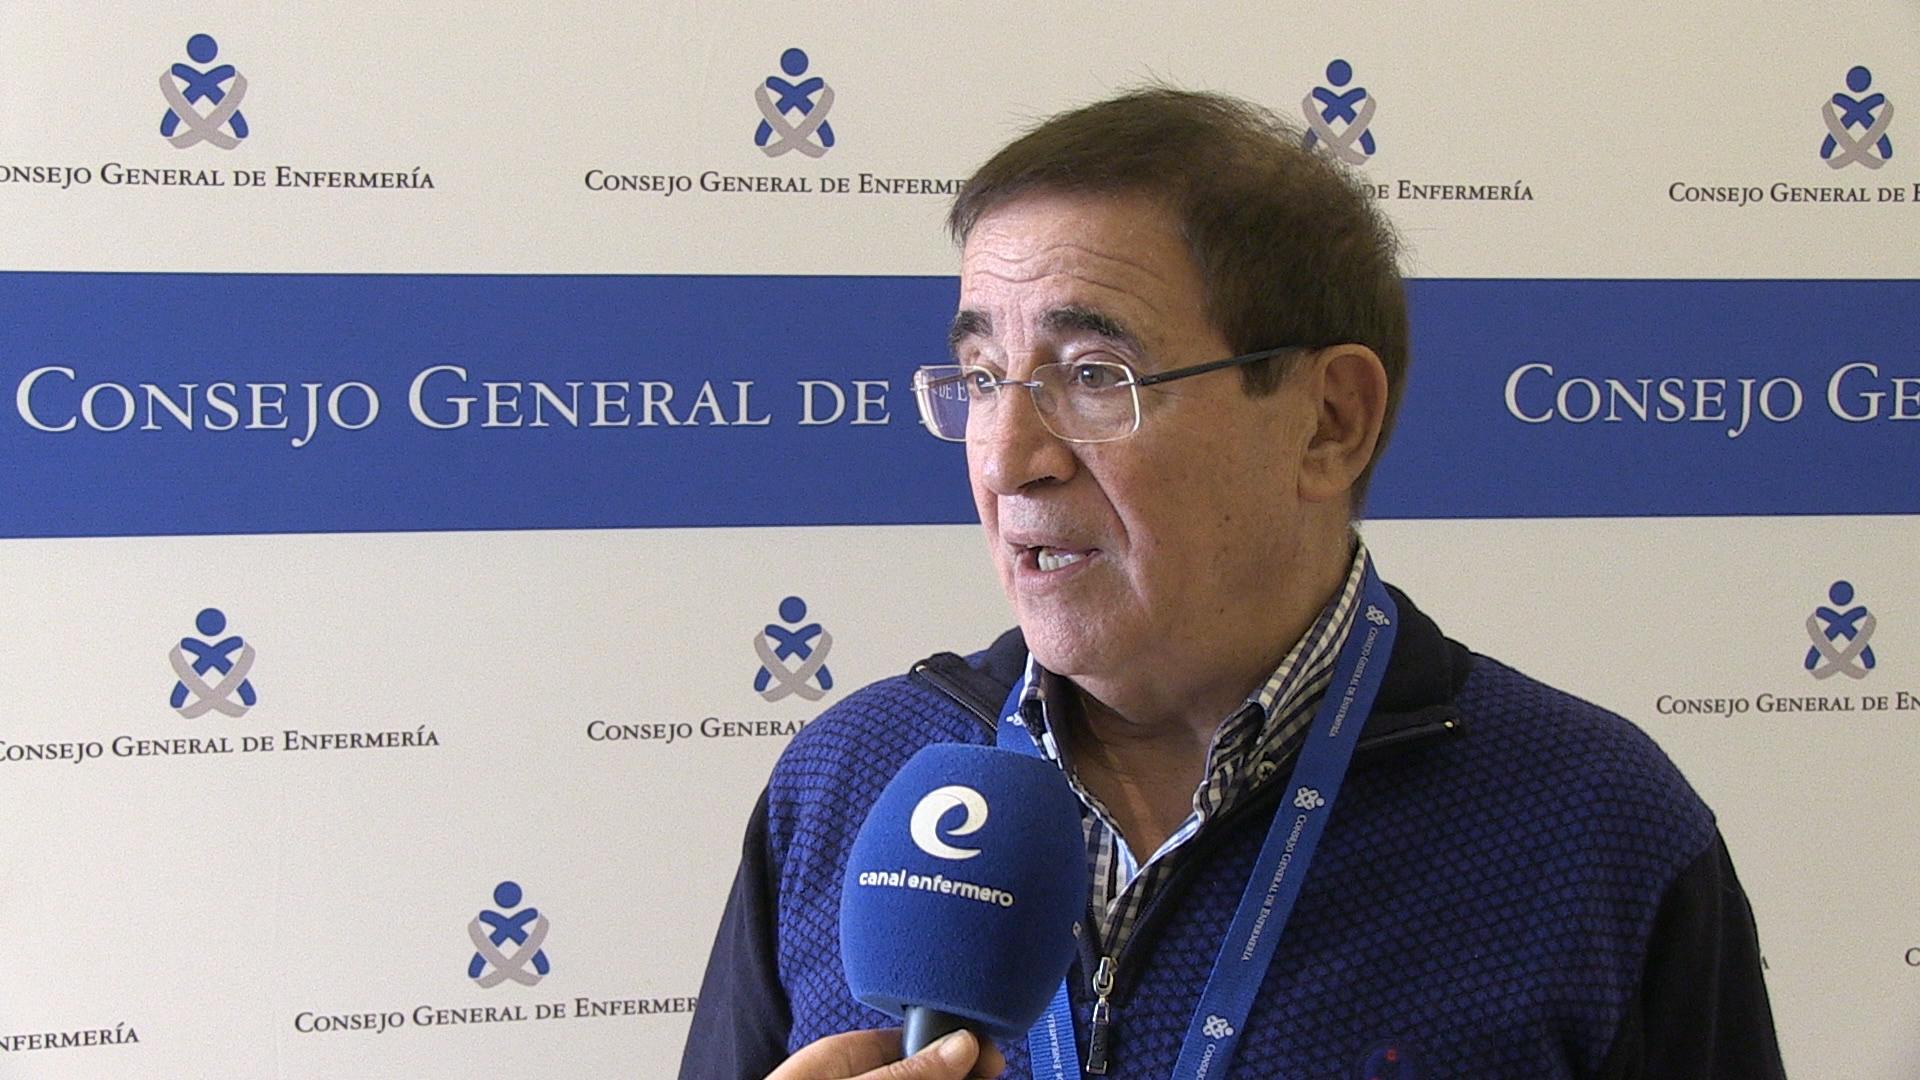 La enfermería de Castilla y León reivindica un cambio de modelo adaptado a las necesidades de los pacientes actuales